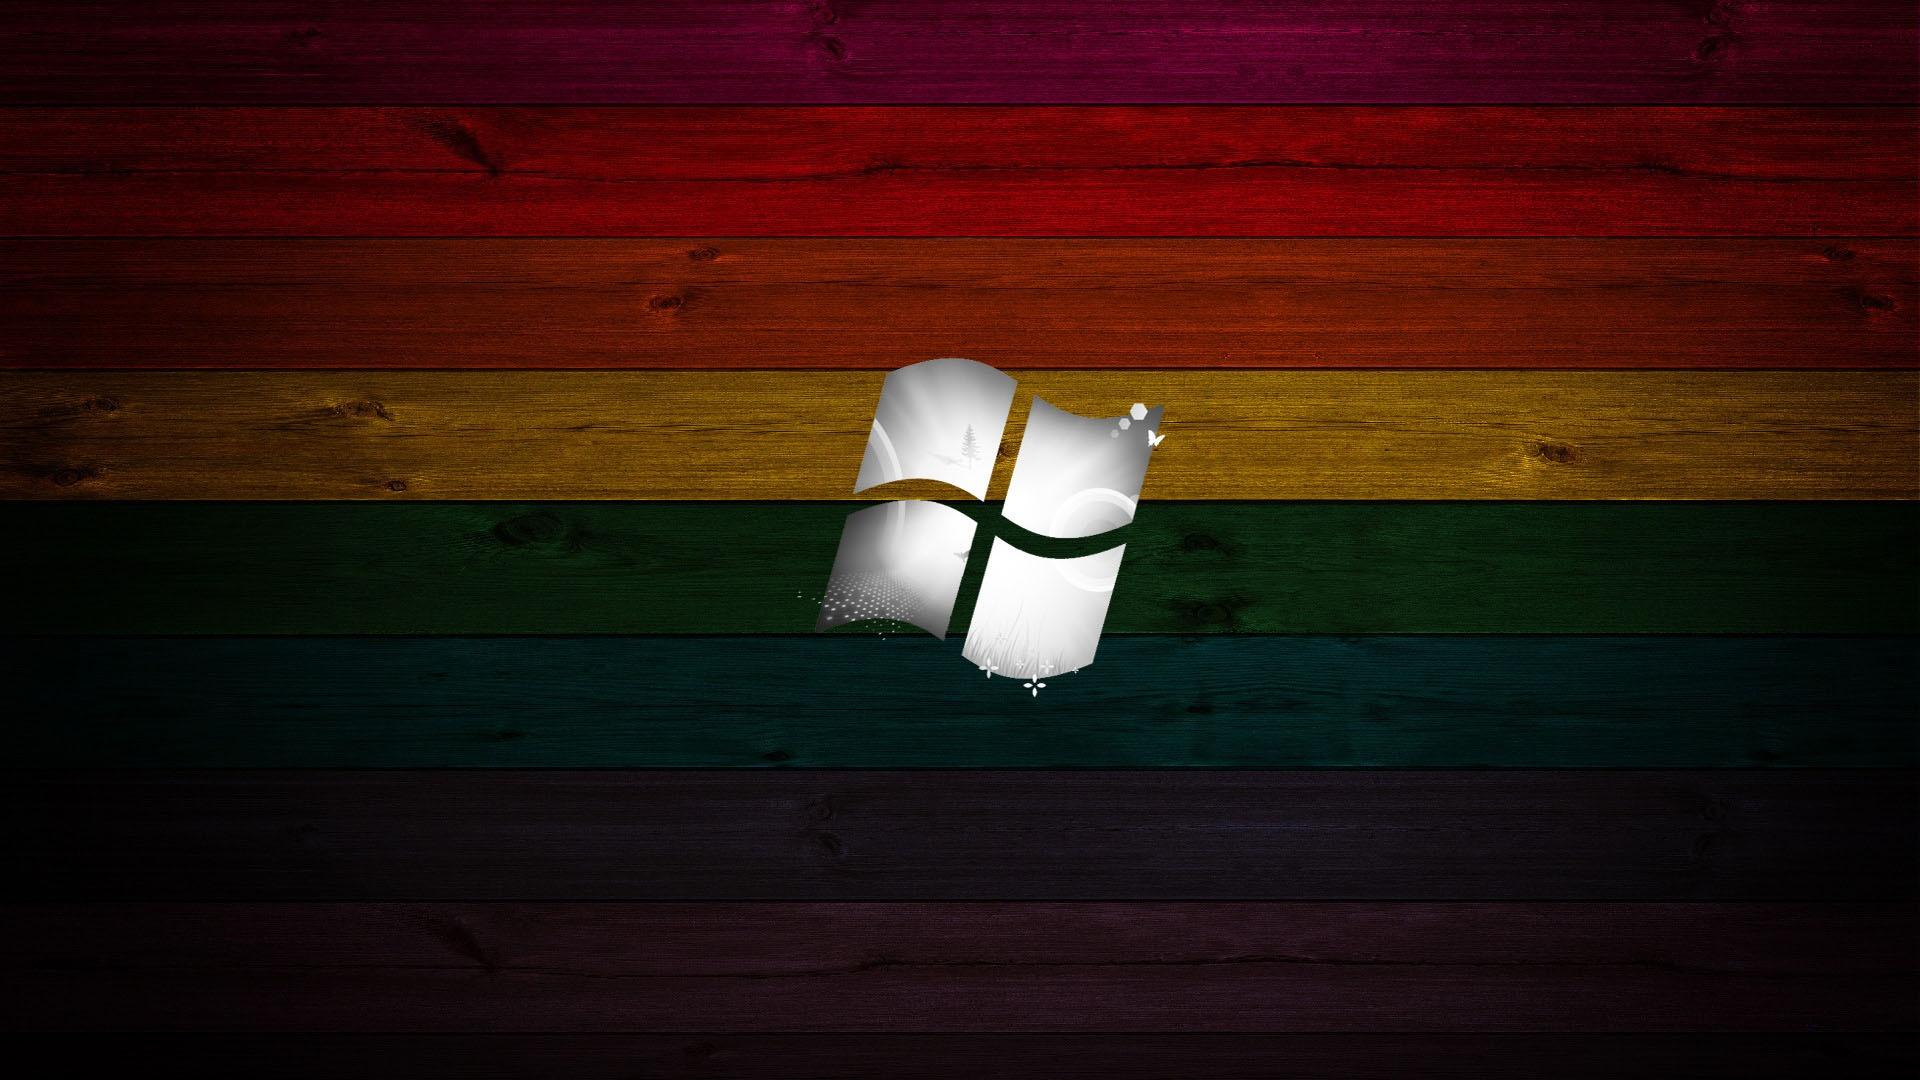 Free HQ Windows 7 Backup Restore 1920x1080 Wallpaper - Free HQ ...